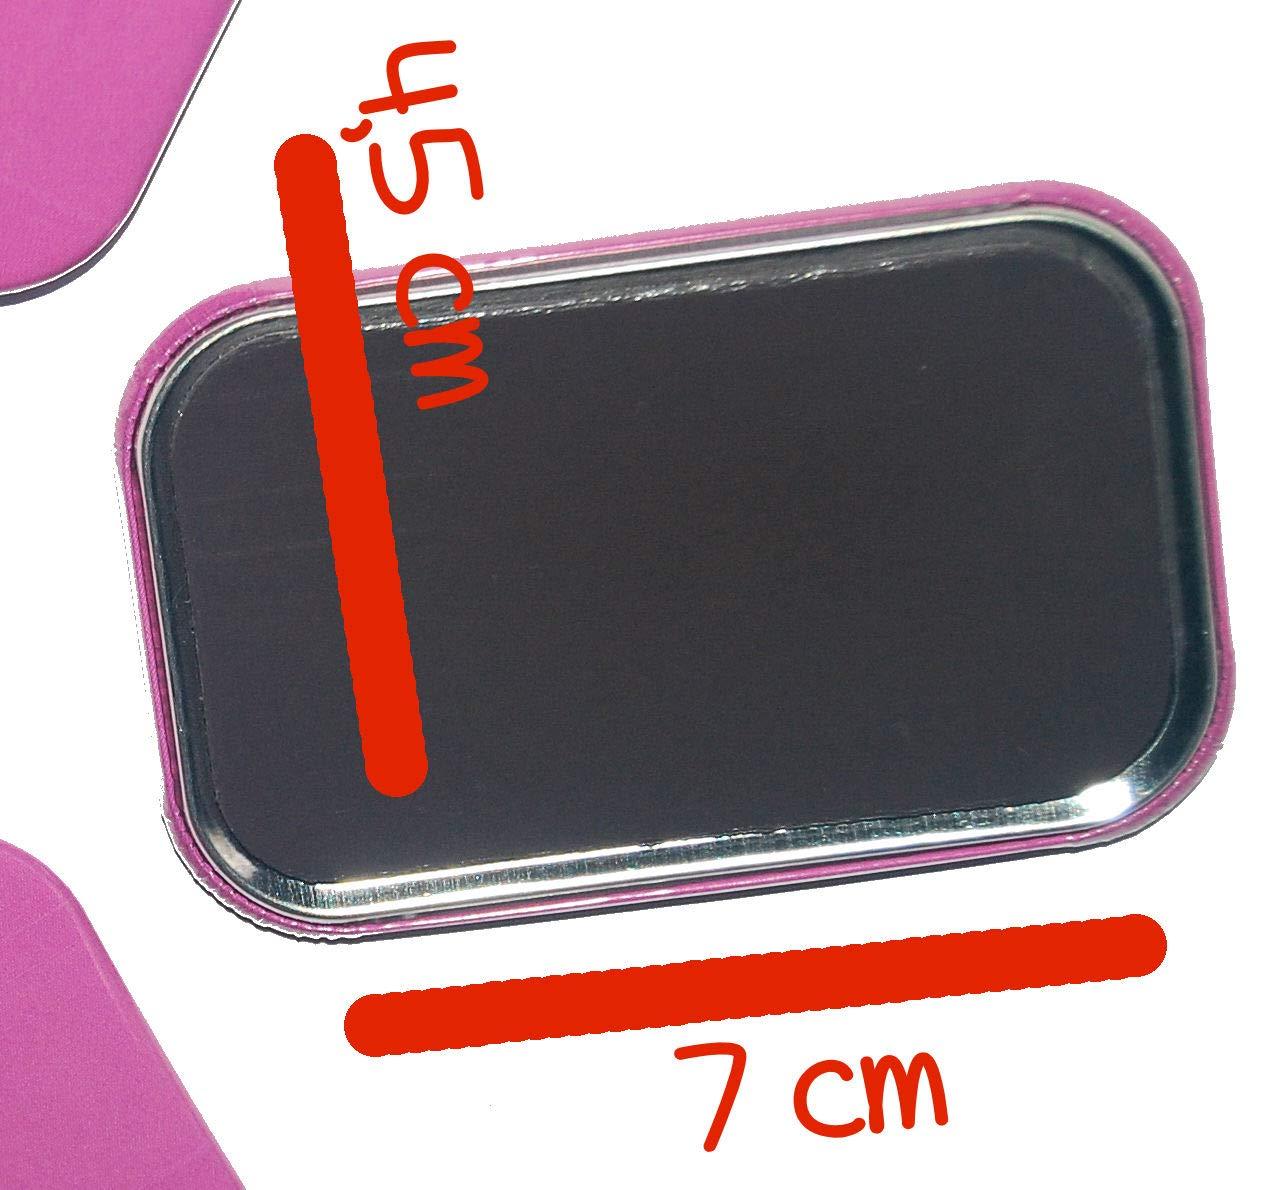 Magnet K/ühlschrankmagnet Rechteckig eckig gro/ß ca 7 x 4,5 cm gute Haftung Motiv Spruch Einhorn